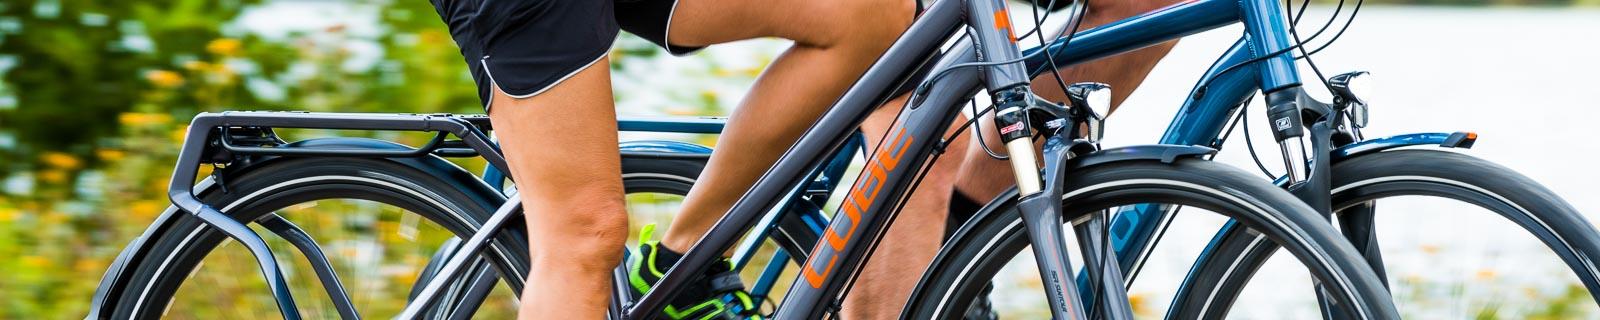 Touring bikes for women